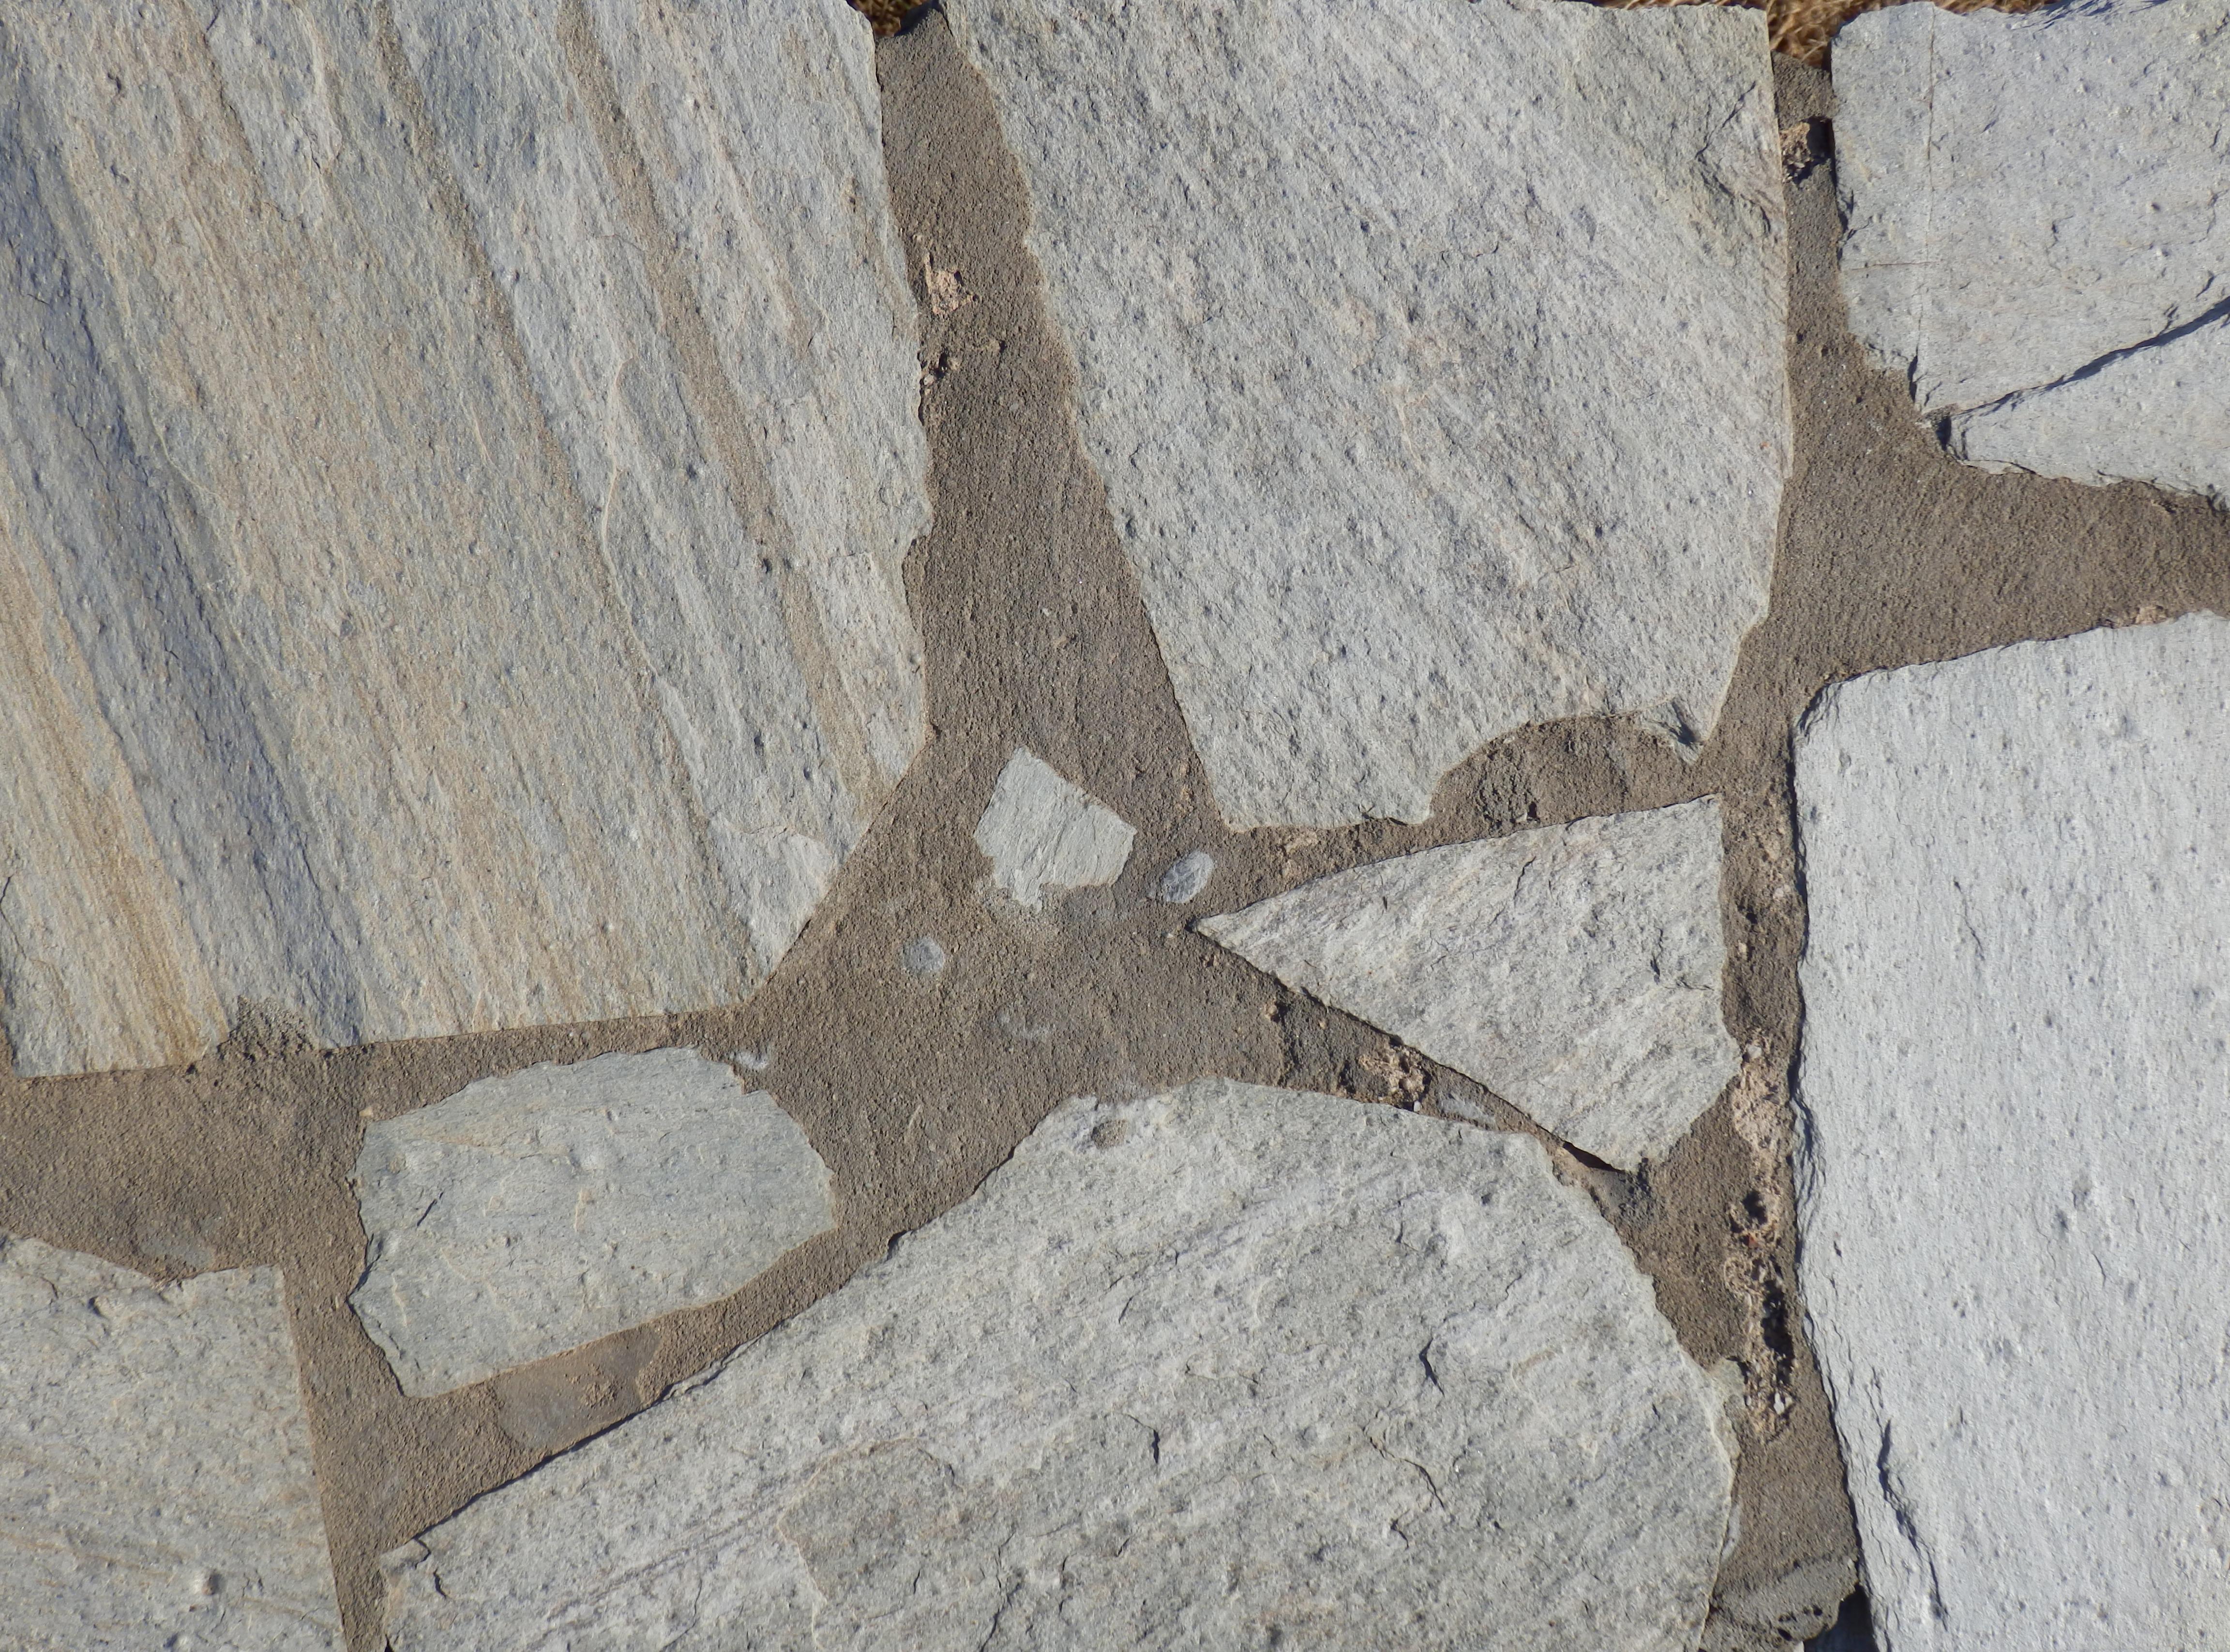 Fotos gratis al aire libre rock madera textura piso - Losas de piso exterior ...